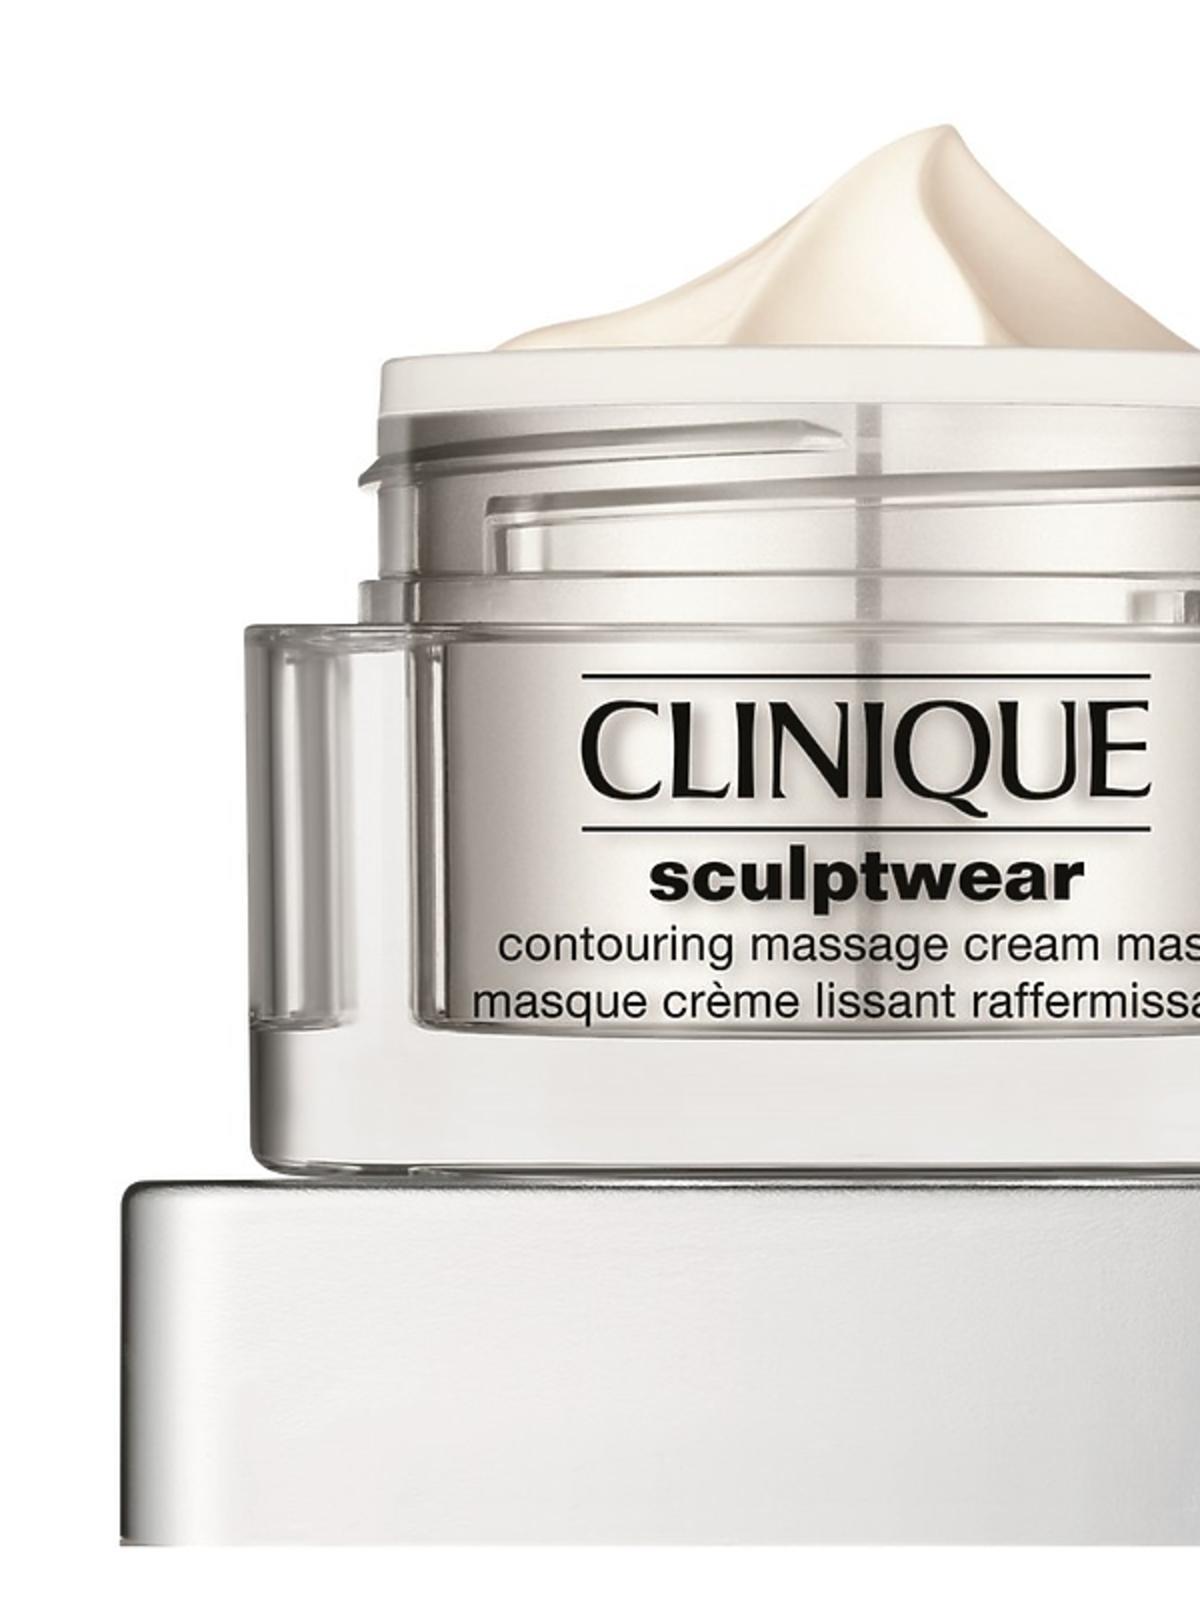 Prezent na święta 2016 dla mamy, kobiety, babci z drogerii: Maseczka Clinique Sculptwear Contouring Massage Cream Mask,